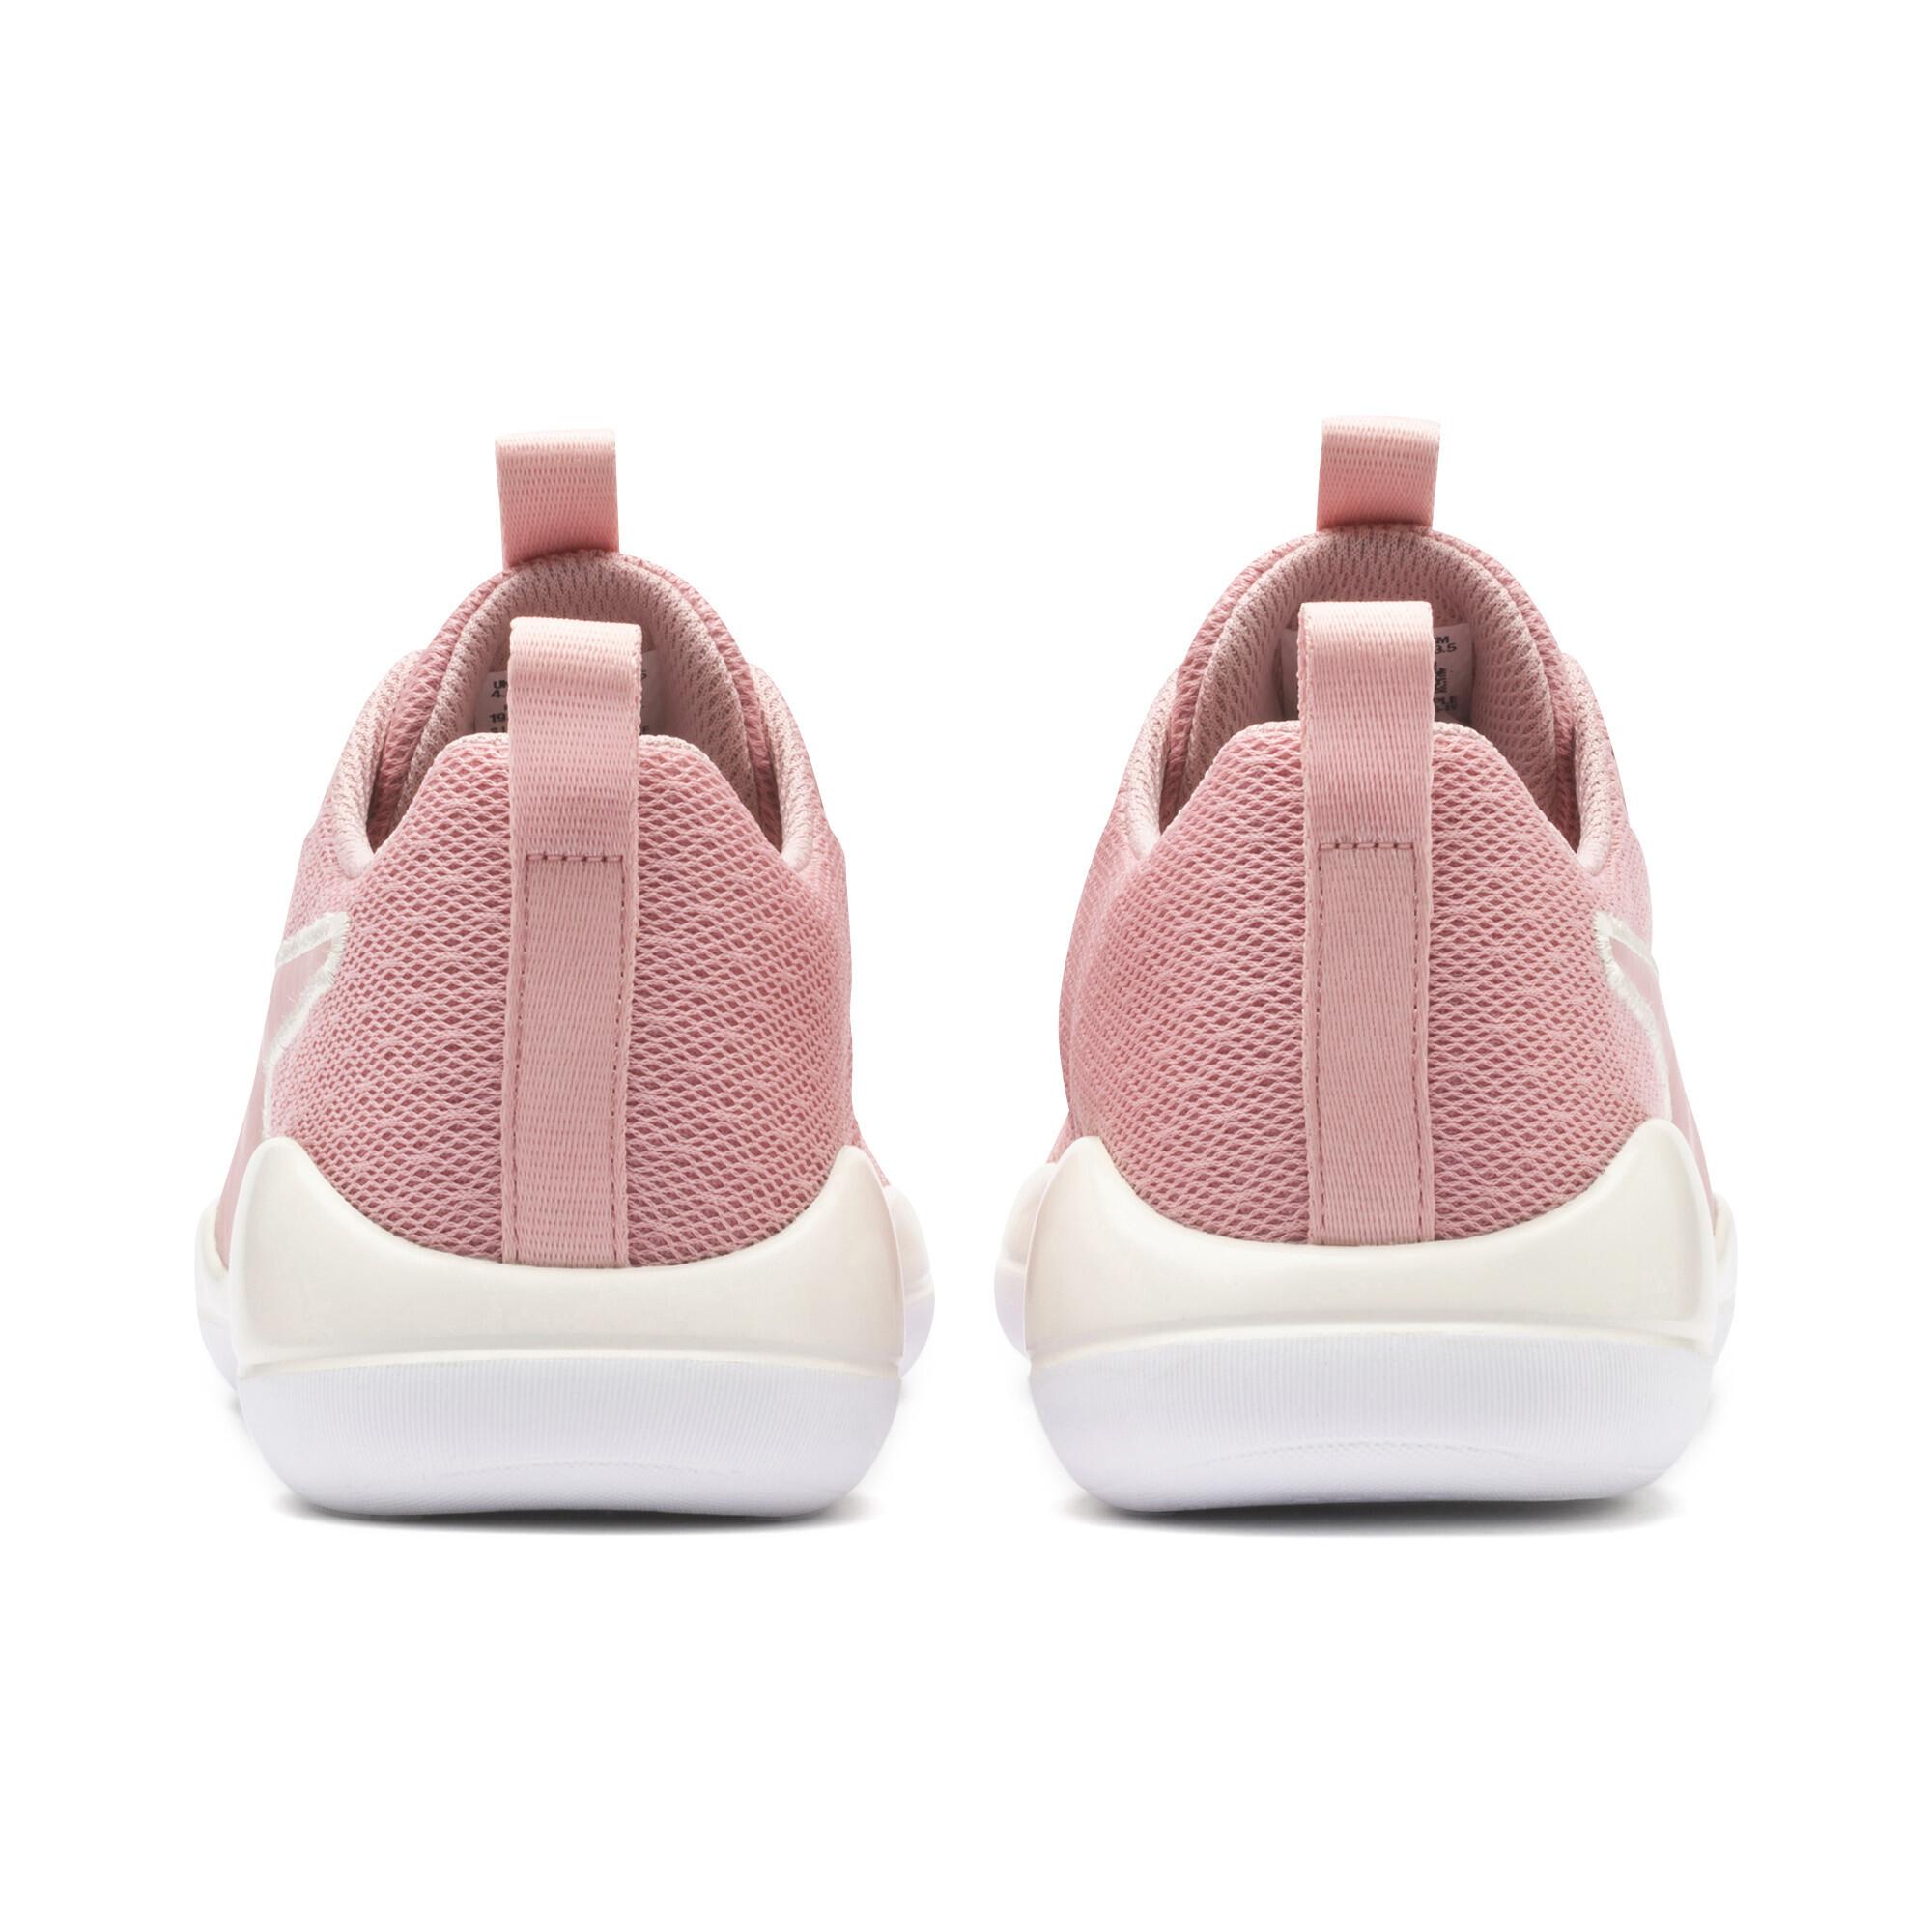 PUMA-Flourish-FS-Women-039-s-Training-Shoes-Women-Shoe-Training thumbnail 10